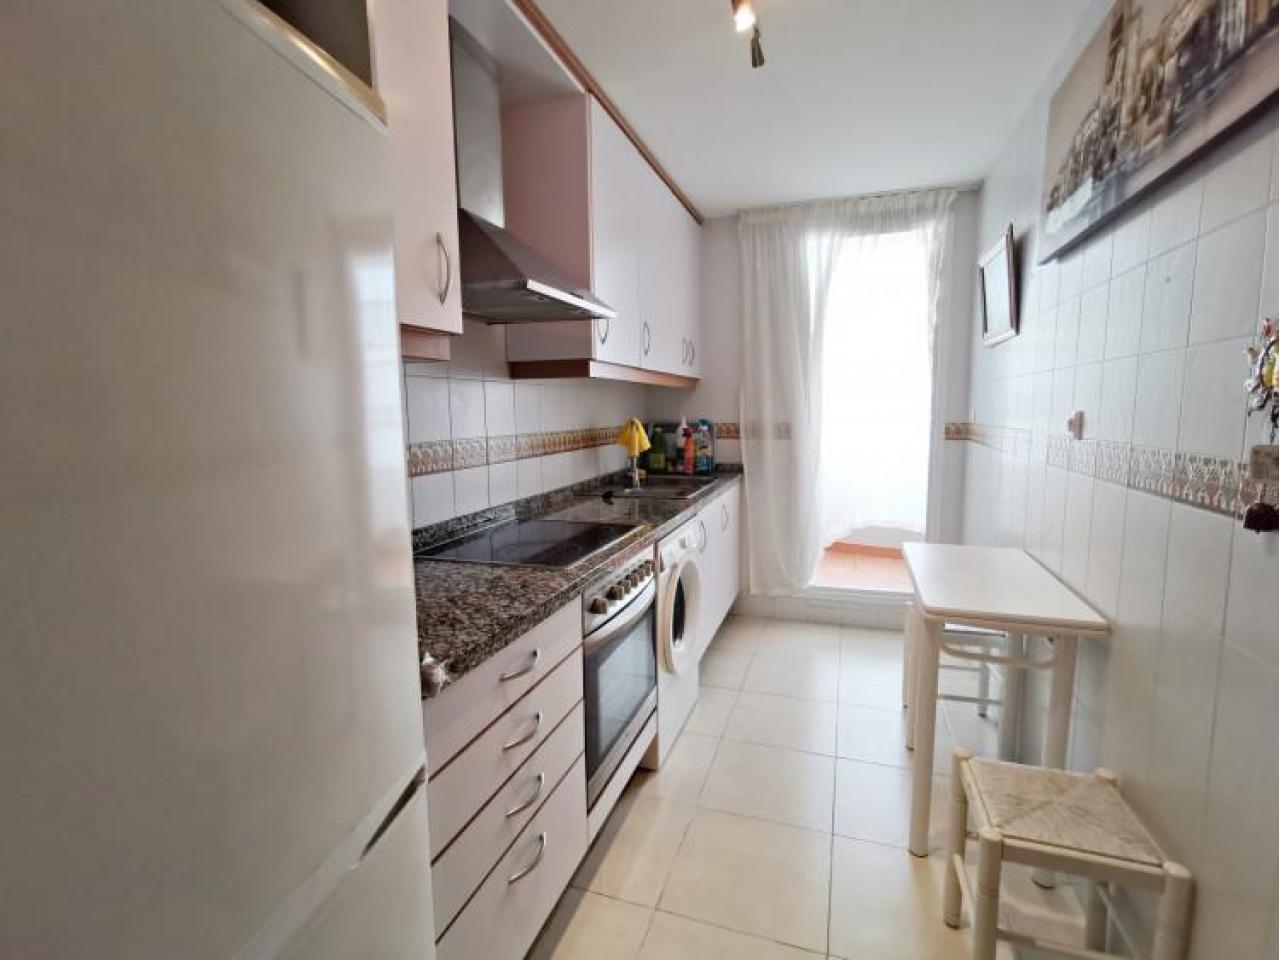 Прекрасная квартира возле моря в Бенидорме, Испания - 7